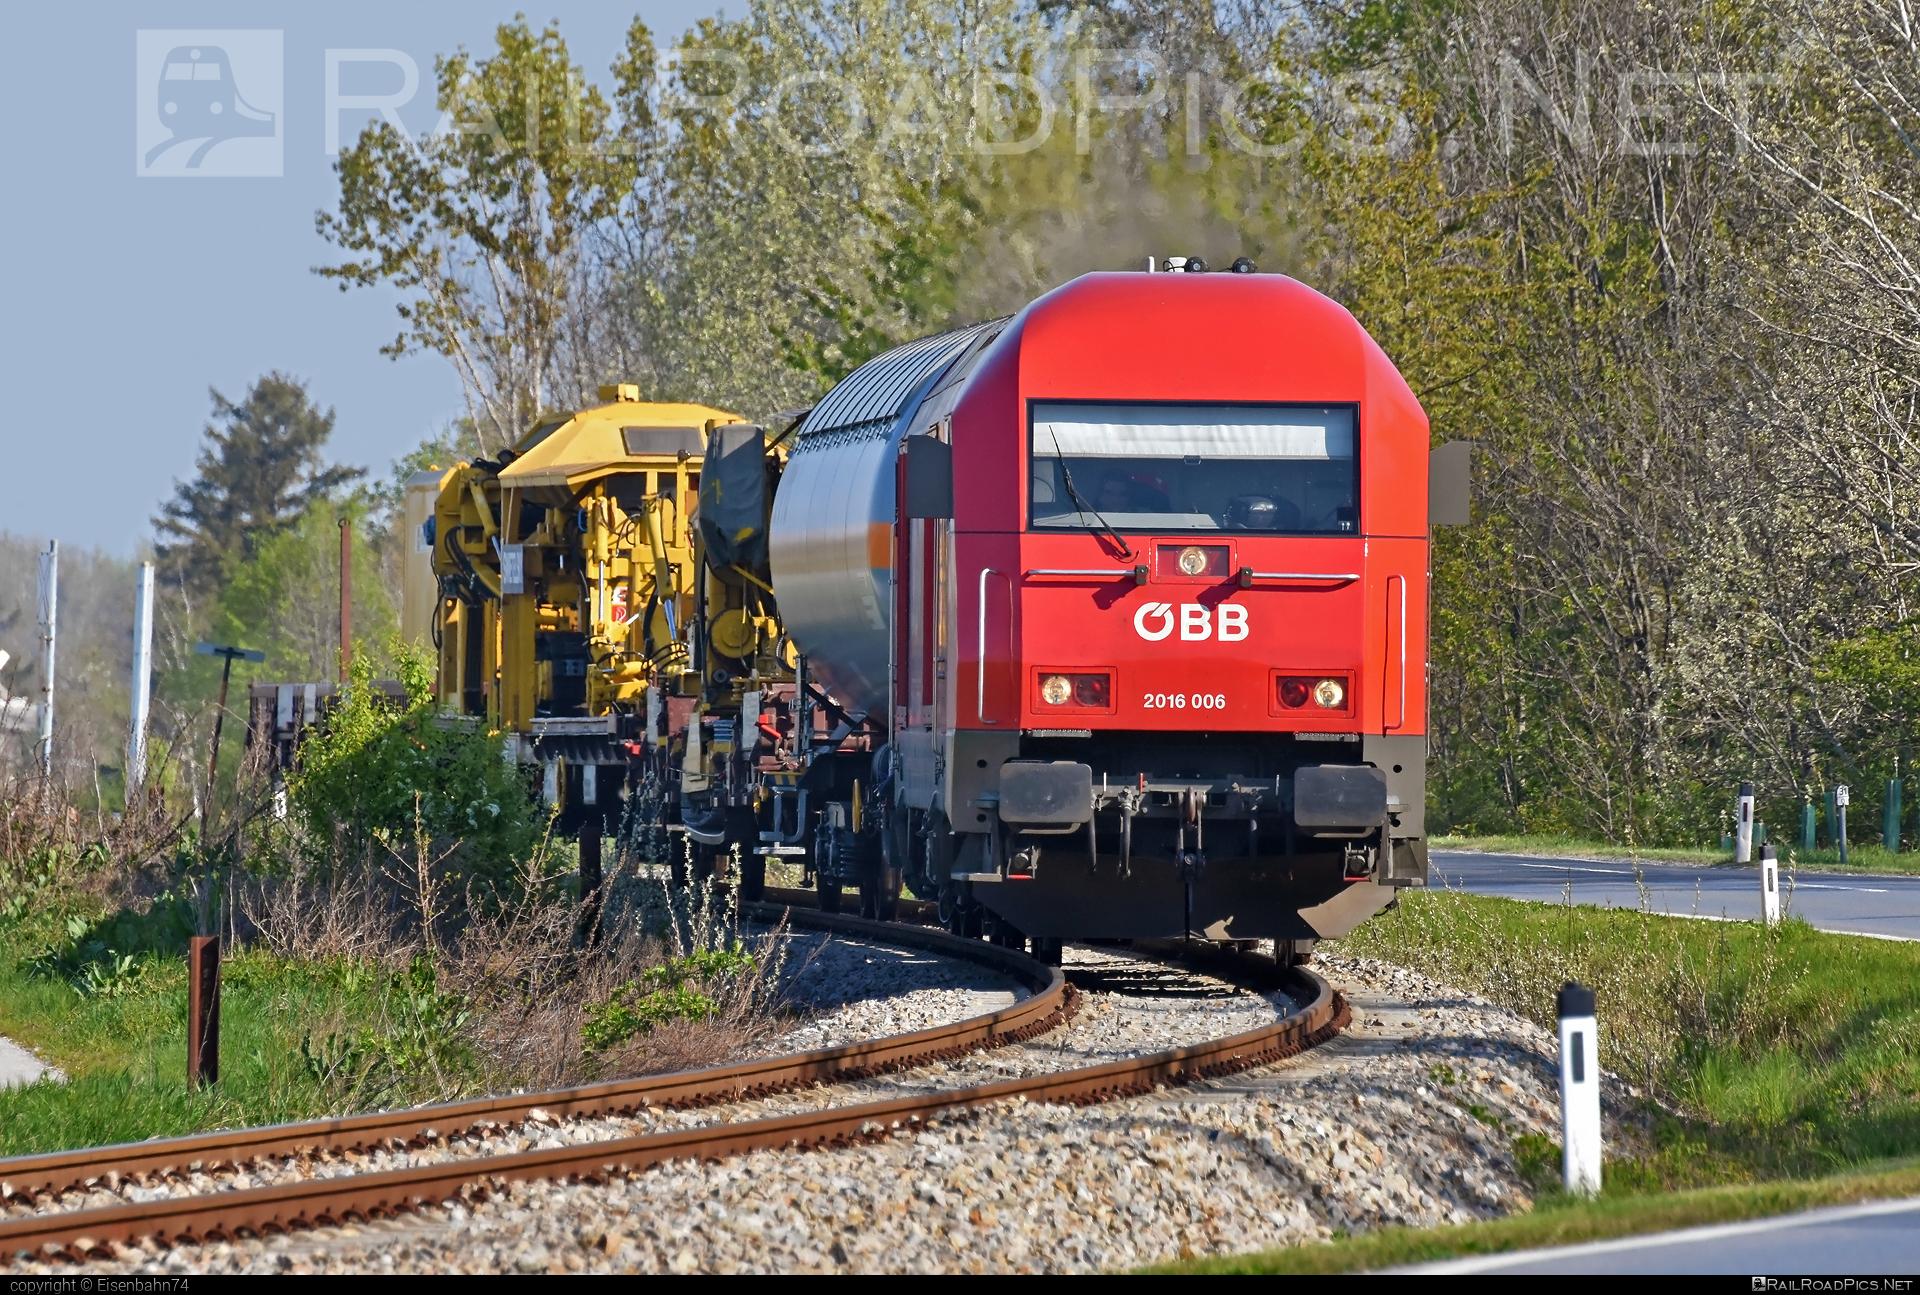 Siemens ER20 - 2016 006 operated by Österreichische Bundesbahnen #er20 #er20hercules #eurorunner #hercules #obb #osterreichischebundesbahnen #siemens #siemenser20 #siemenser20hercules #siemenseurorunner #siemenshercules